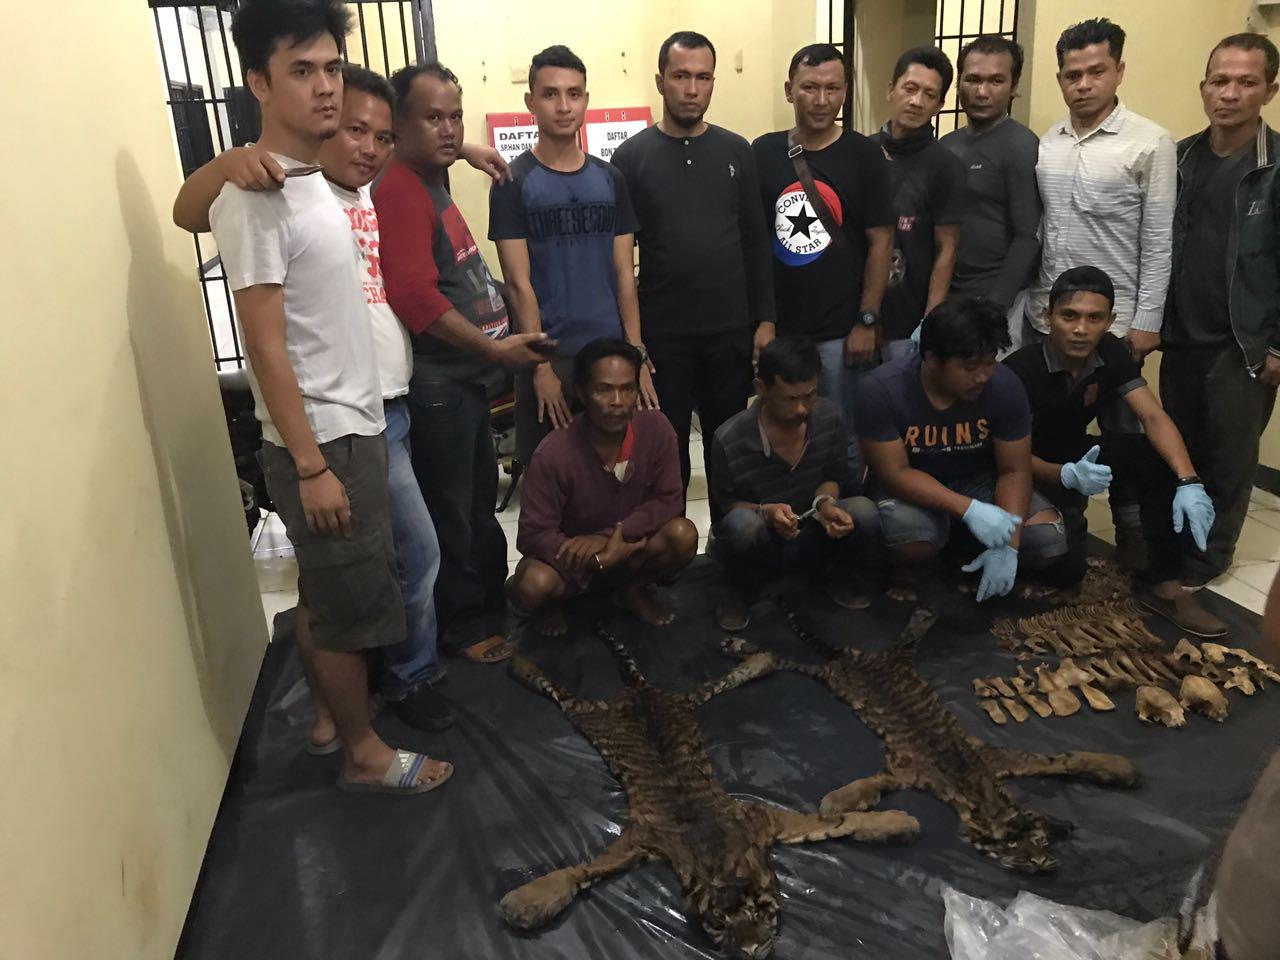 Jual Kulit Harimau, Warga Sumbar ditangkap Polisi